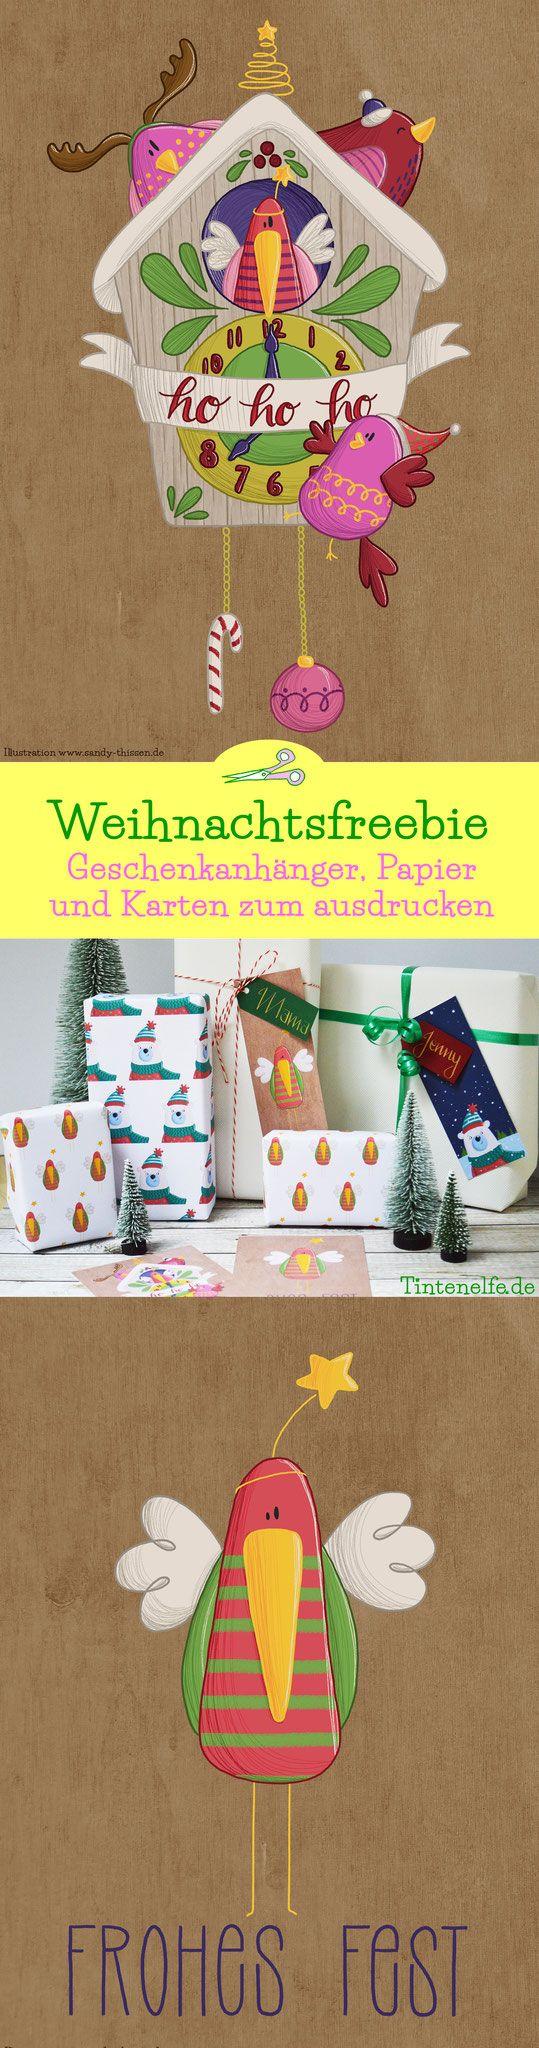 #'xmasillublogparade weihnachtliche Geschenkanhänger, Geschenkpapier und Postkarten als Freebie. Geschenkidee zu Weihnachten. Geschenke schön und weihnachtlich verpacken mit süßen und lustigen Illustrationen von Sandy Thissen